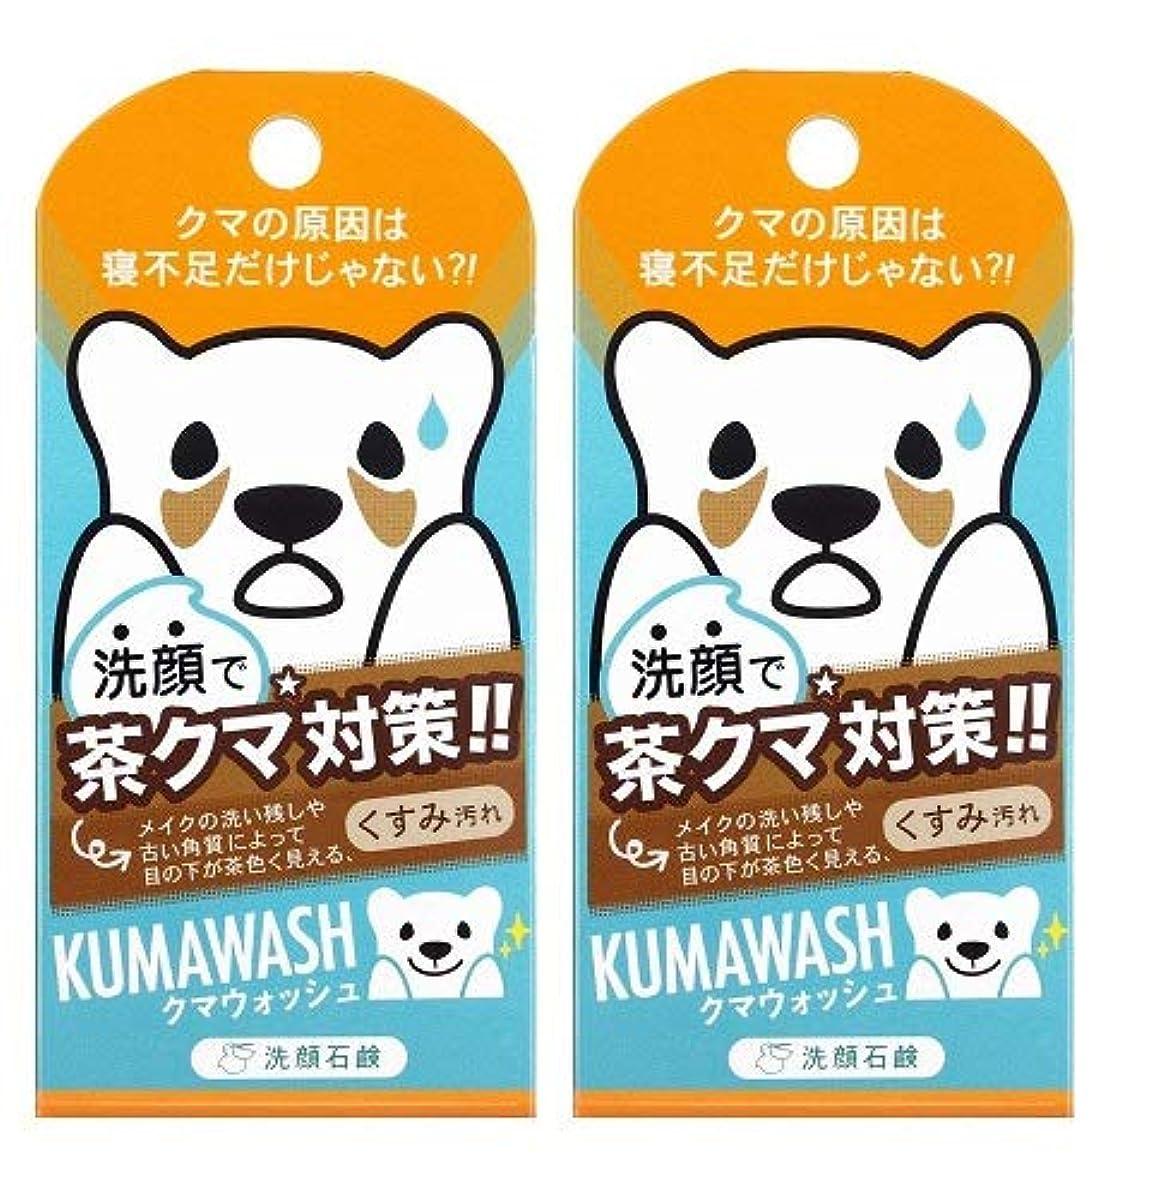 わずかに初期対応【2個セット】ペリカン クマウォッシュ洗顔石鹸 75g 【2個セット】